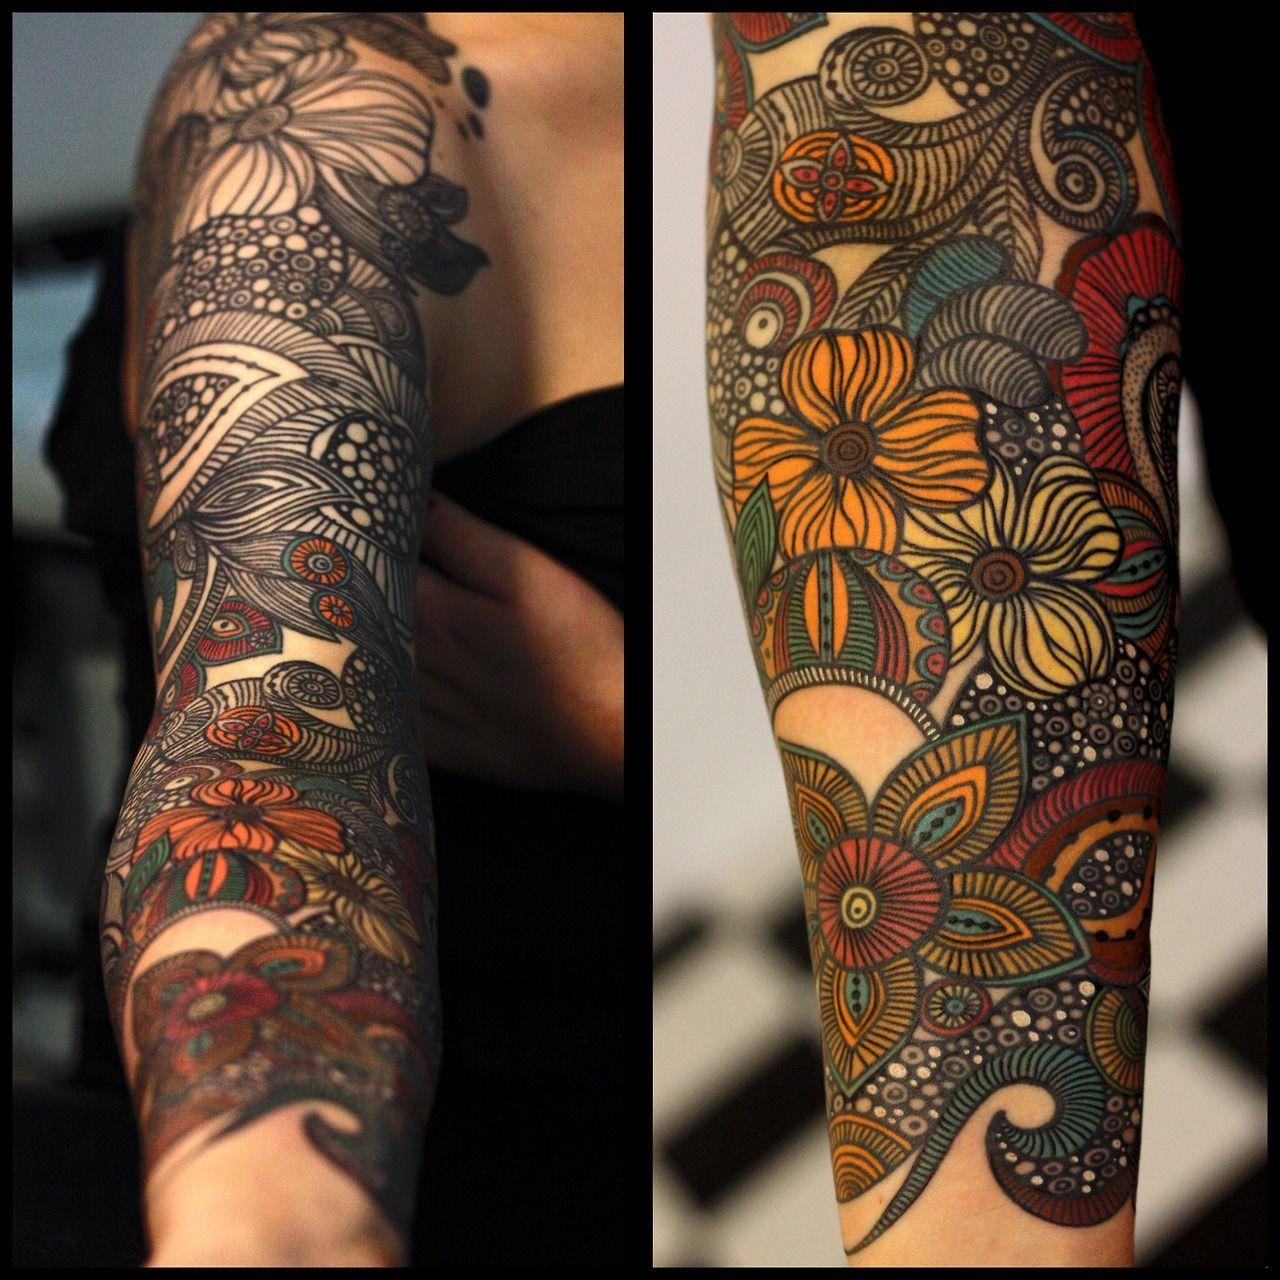 Sleeve Tattoo Filler Designs: #tattoo #ink Pinterest.com/heymercedes